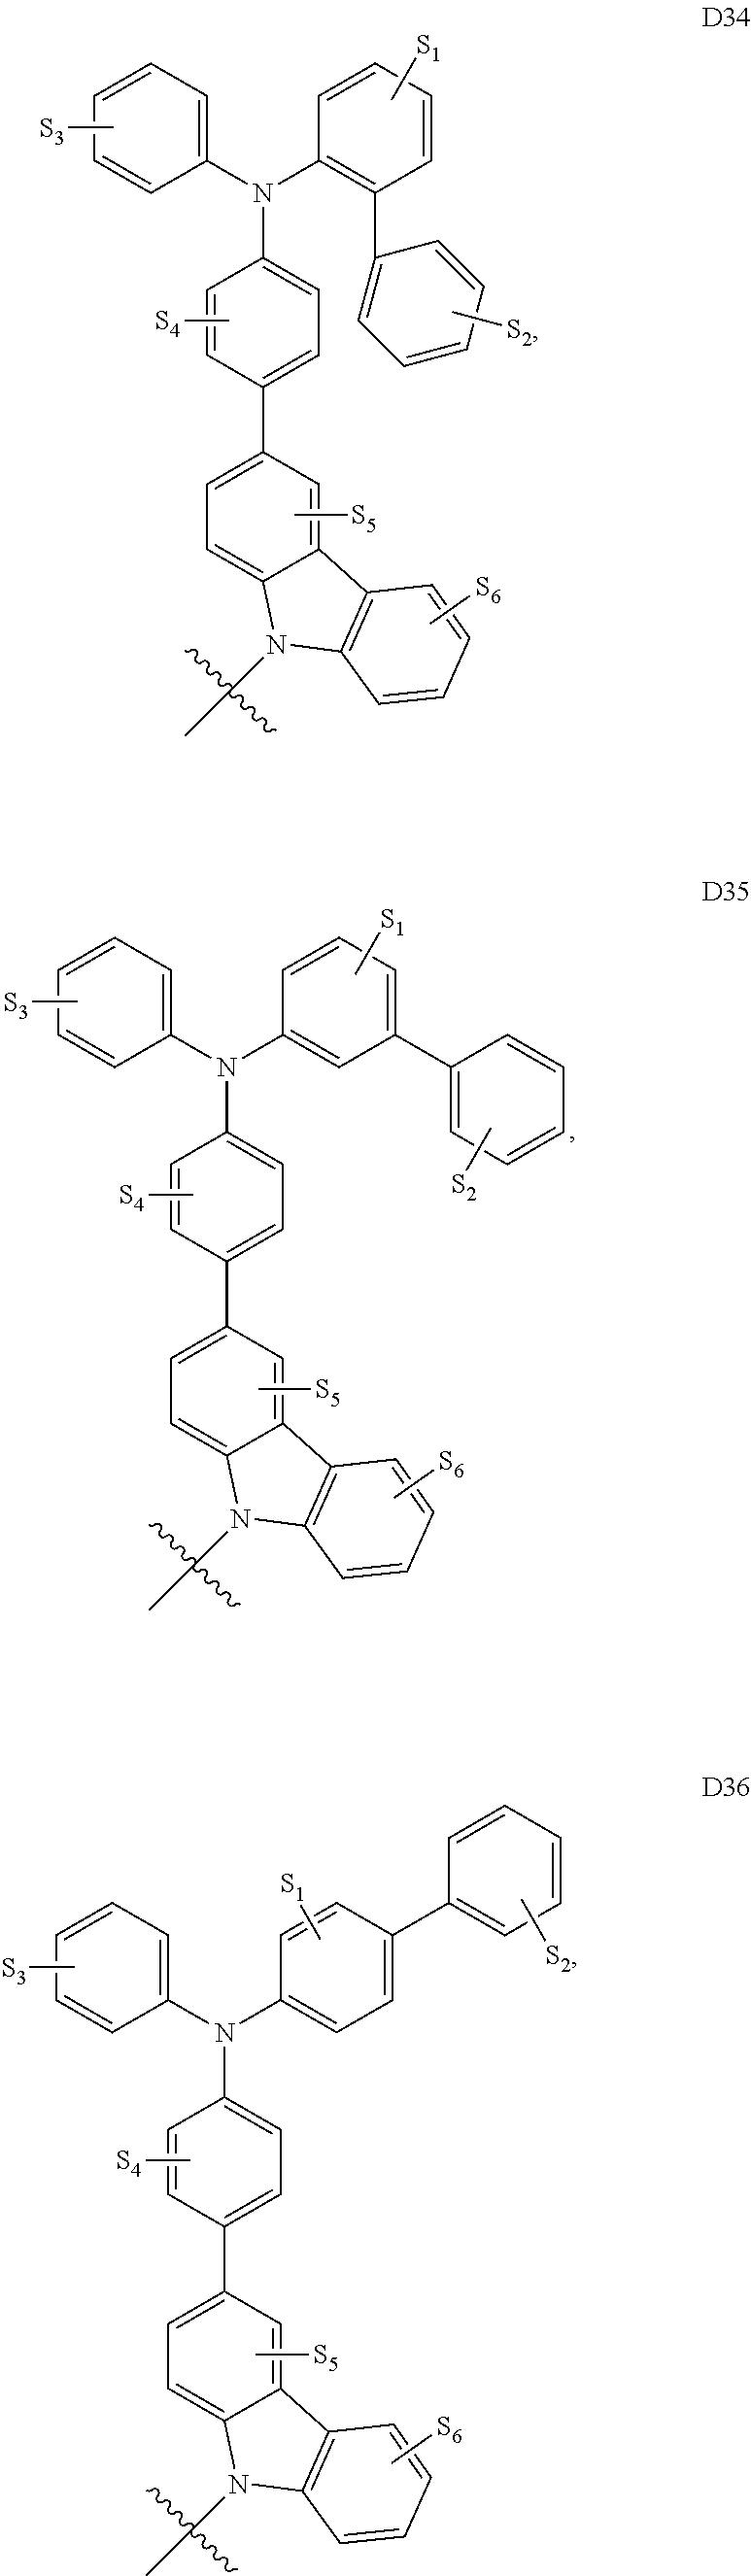 Figure US09324949-20160426-C00324